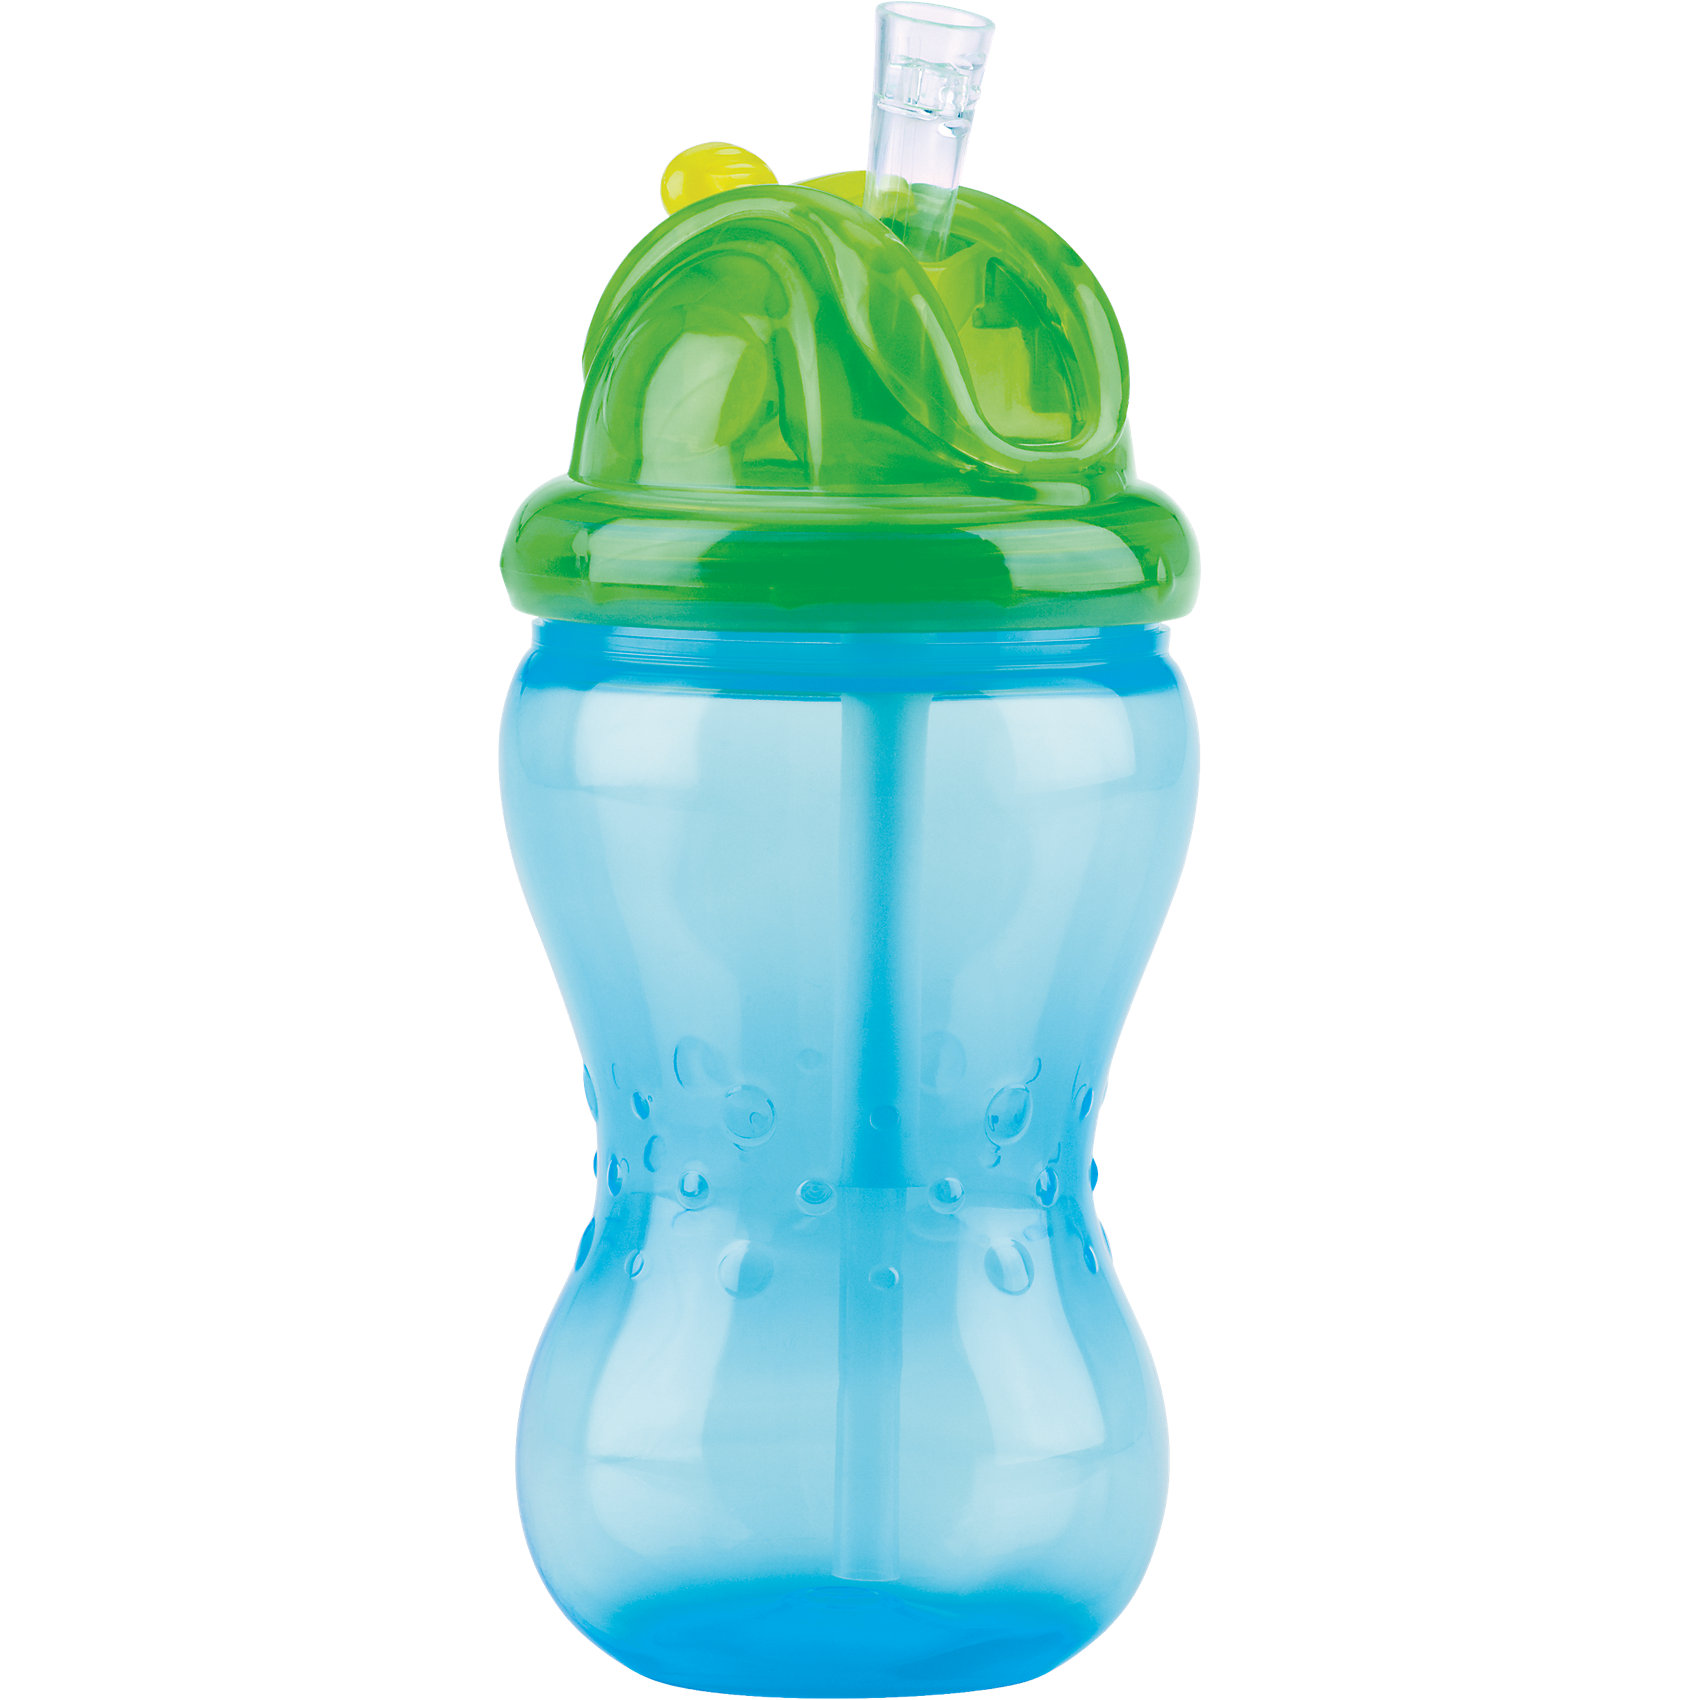 Поильник с трубочкой, Nuby, голубойПоильники<br>Новая мягкая трубочка для питья не причиняет беспокойства нежным деснам и защищает зубки ребенка. Трубочка прикрыта отщелкивающимся колпачком, удобным в использовании. Уникальная разработка защищает трубочку для питья от загрязнений в перерывах между использованиями. Подходит для путешествий и коротких поездок. Отщелкивающийся колпачок сохраняет трубочку в чистоте. Когда ребенок захочет пить, он сможет без труда открыть колпачок при помощи щелчка; при этом колпачок отбрасывается назад и не падает с крышки. Жидкость поступает в трубочку только в момент питья. Эргономичный поильник удобен в использовании как для родителей, так и для маленьких детей.<br>Внимание!!! не подходит для газированных или горячих напитков.<br>Дополнительная информация:<br>- Можно мыть в посудомоечной машине (только на верхней полке).<br>- Материал: полипропилен, силикон.<br>- Изделие изготовлено из безопасных, долговечных, нетоксичных материалов. Не содержит бисфенол А. Сертифицировано в России. Соответствует всем требованиям ГОСТ и СанПиН.<br>- Комплект поставки: поильник с трубочкой.<br>- Объем поильника: макс. 355 мл.<br><br>Ширина мм: 217<br>Глубина мм: 109<br>Высота мм: 71<br>Вес г: 87<br>Цвет: голубой<br>Возраст от месяцев: 12<br>Возраст до месяцев: 48<br>Пол: Мужской<br>Возраст: Детский<br>SKU: 4243174